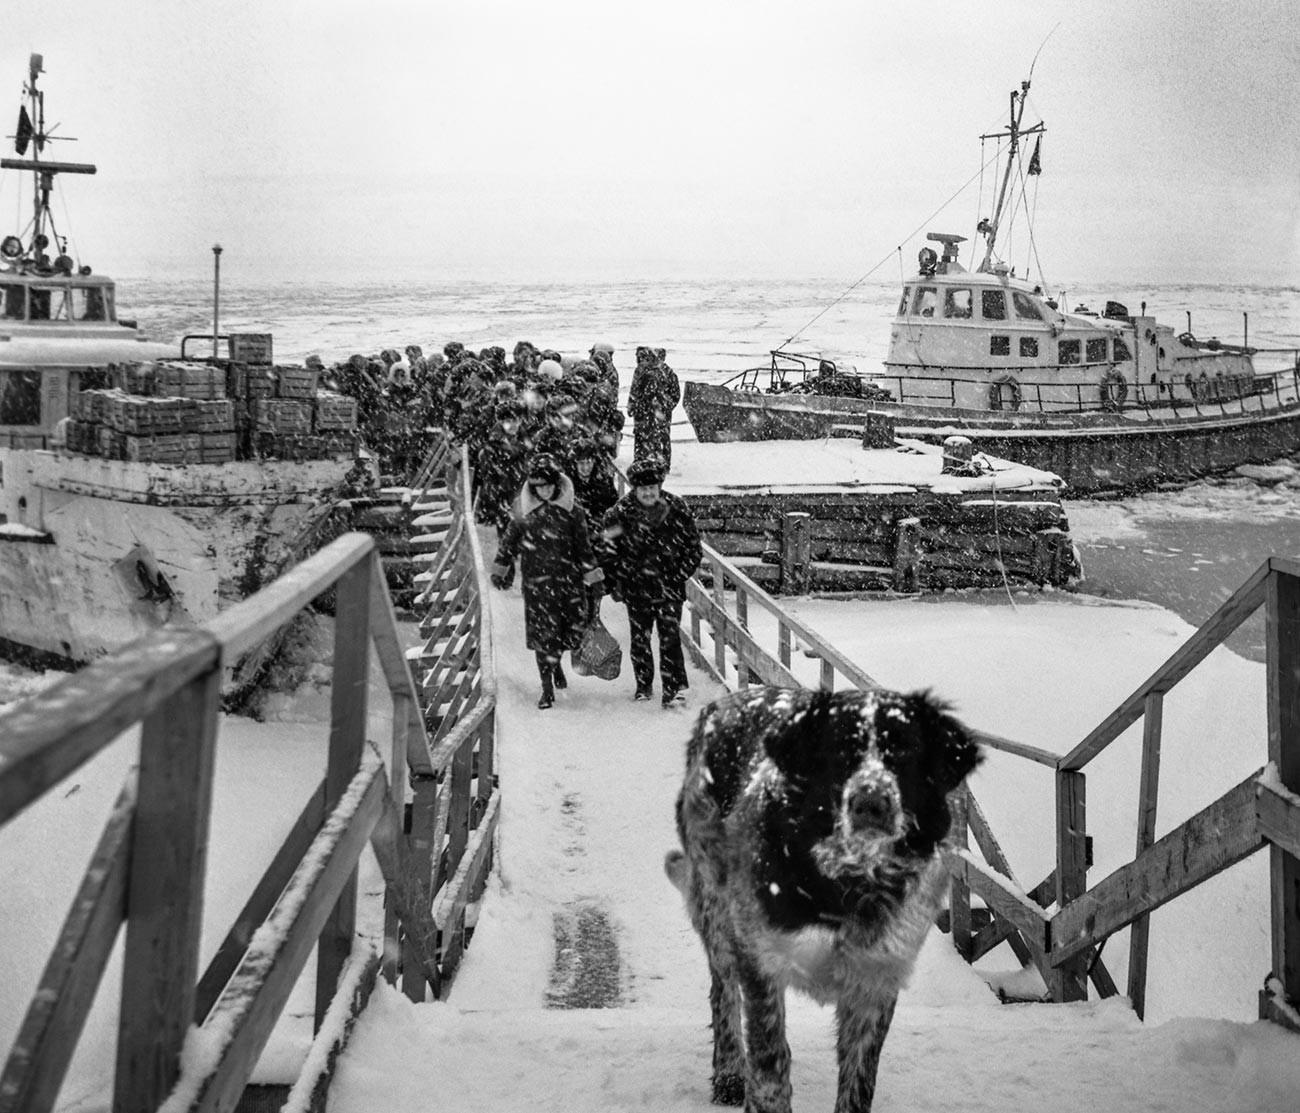 Dikson, Krasnojarski kraj, rujan 1980. Snijeg na pristaništu naselja Dikson.